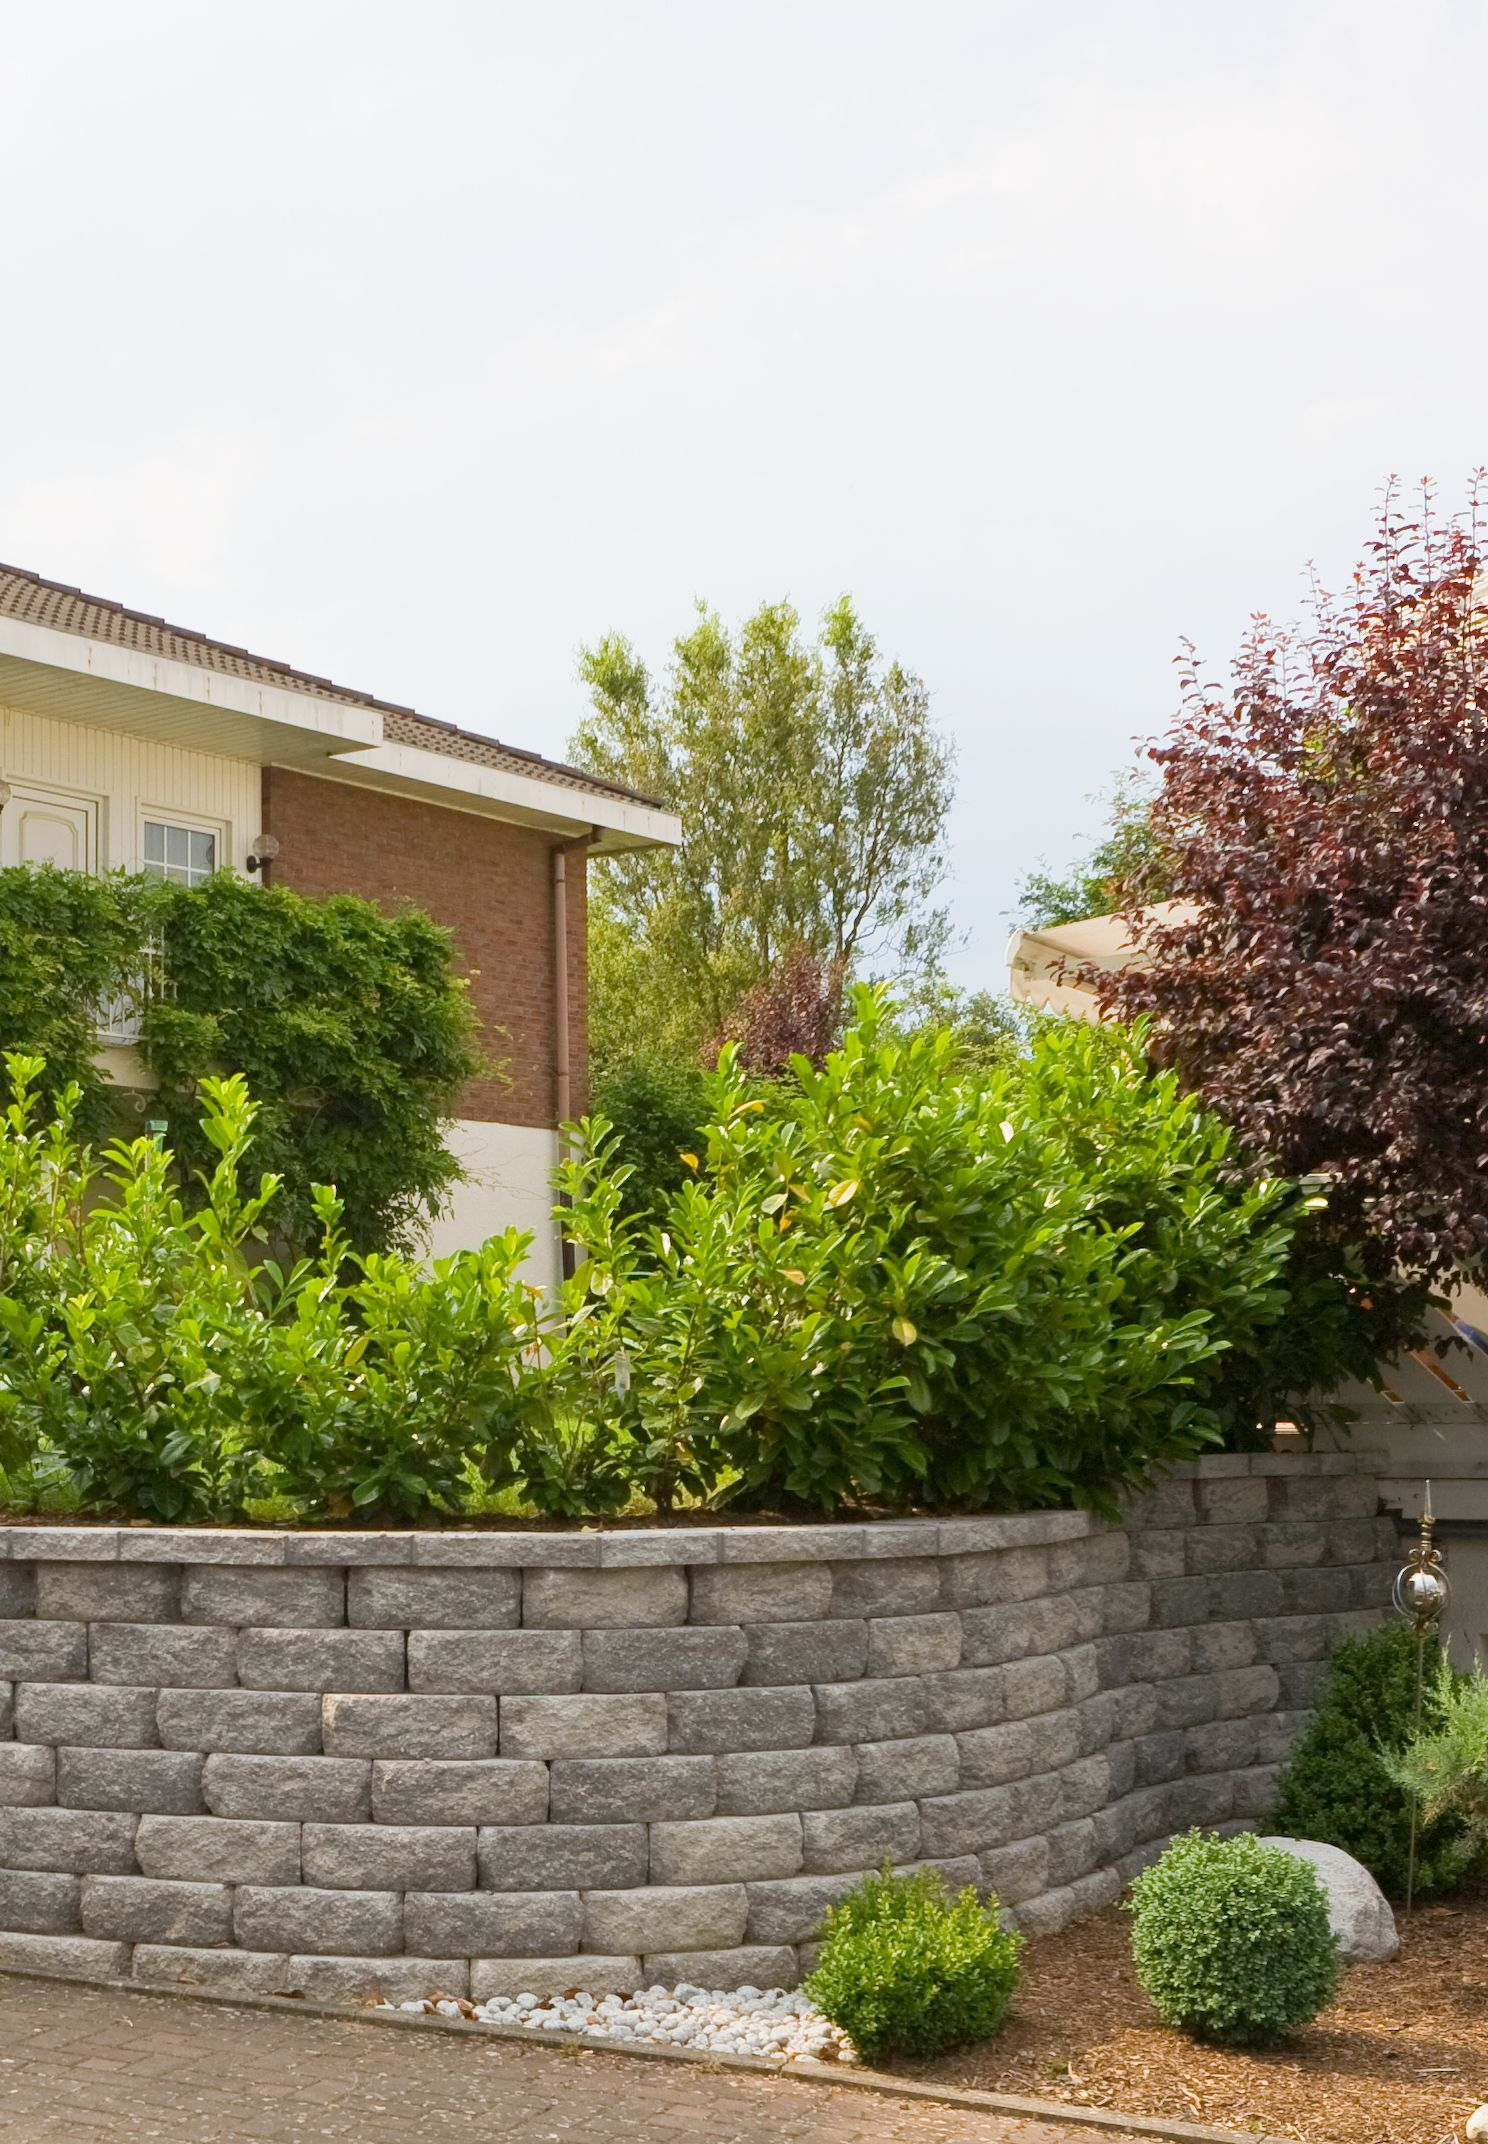 Diese Gestaltung Garantiert Sichtschutz Und Sieht Schick Aus Auf Dem Grundstuck Die Halbhohe Mauer Mit Entsprechender Be Bepflanzung Vorgarten Vorgarten Ideen